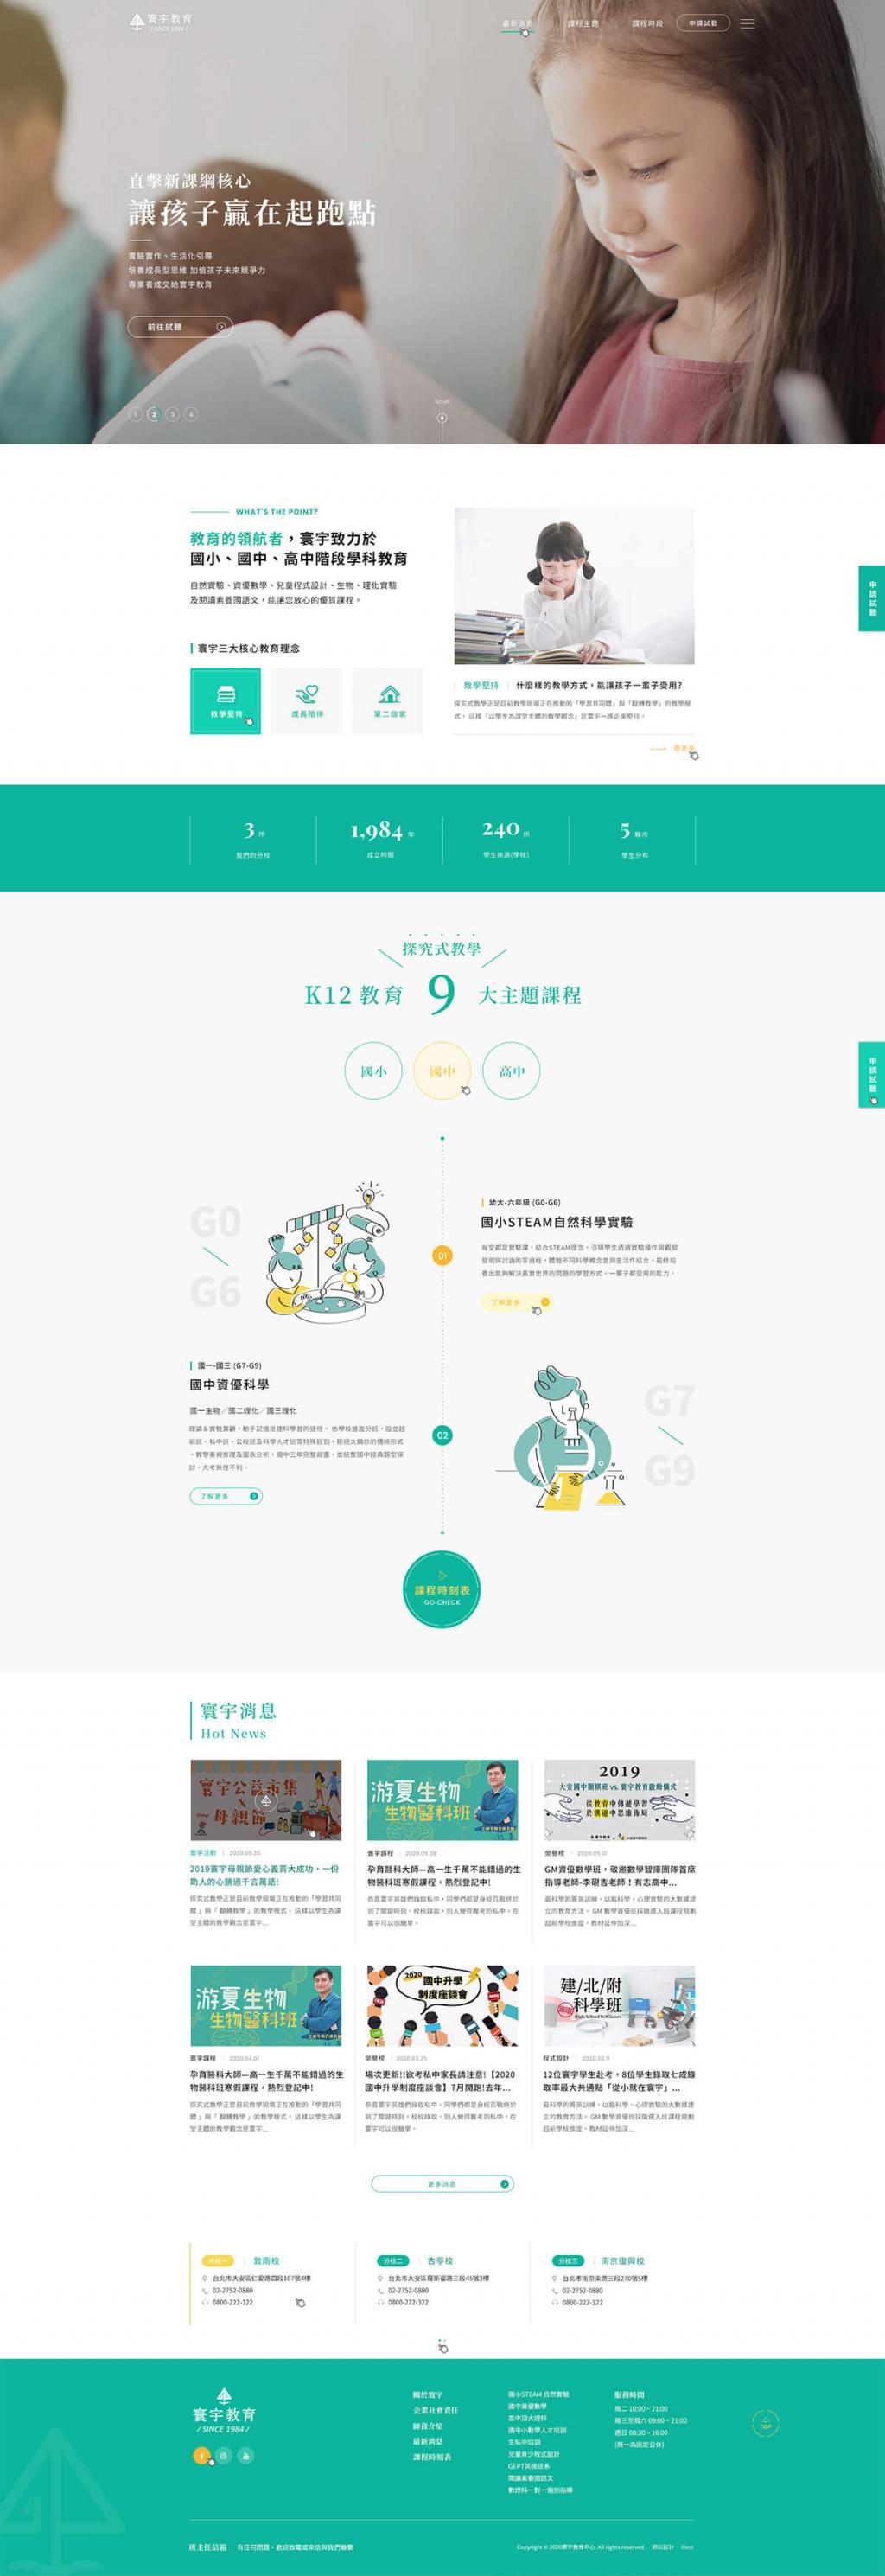 寰宇教育中心-網頁設計